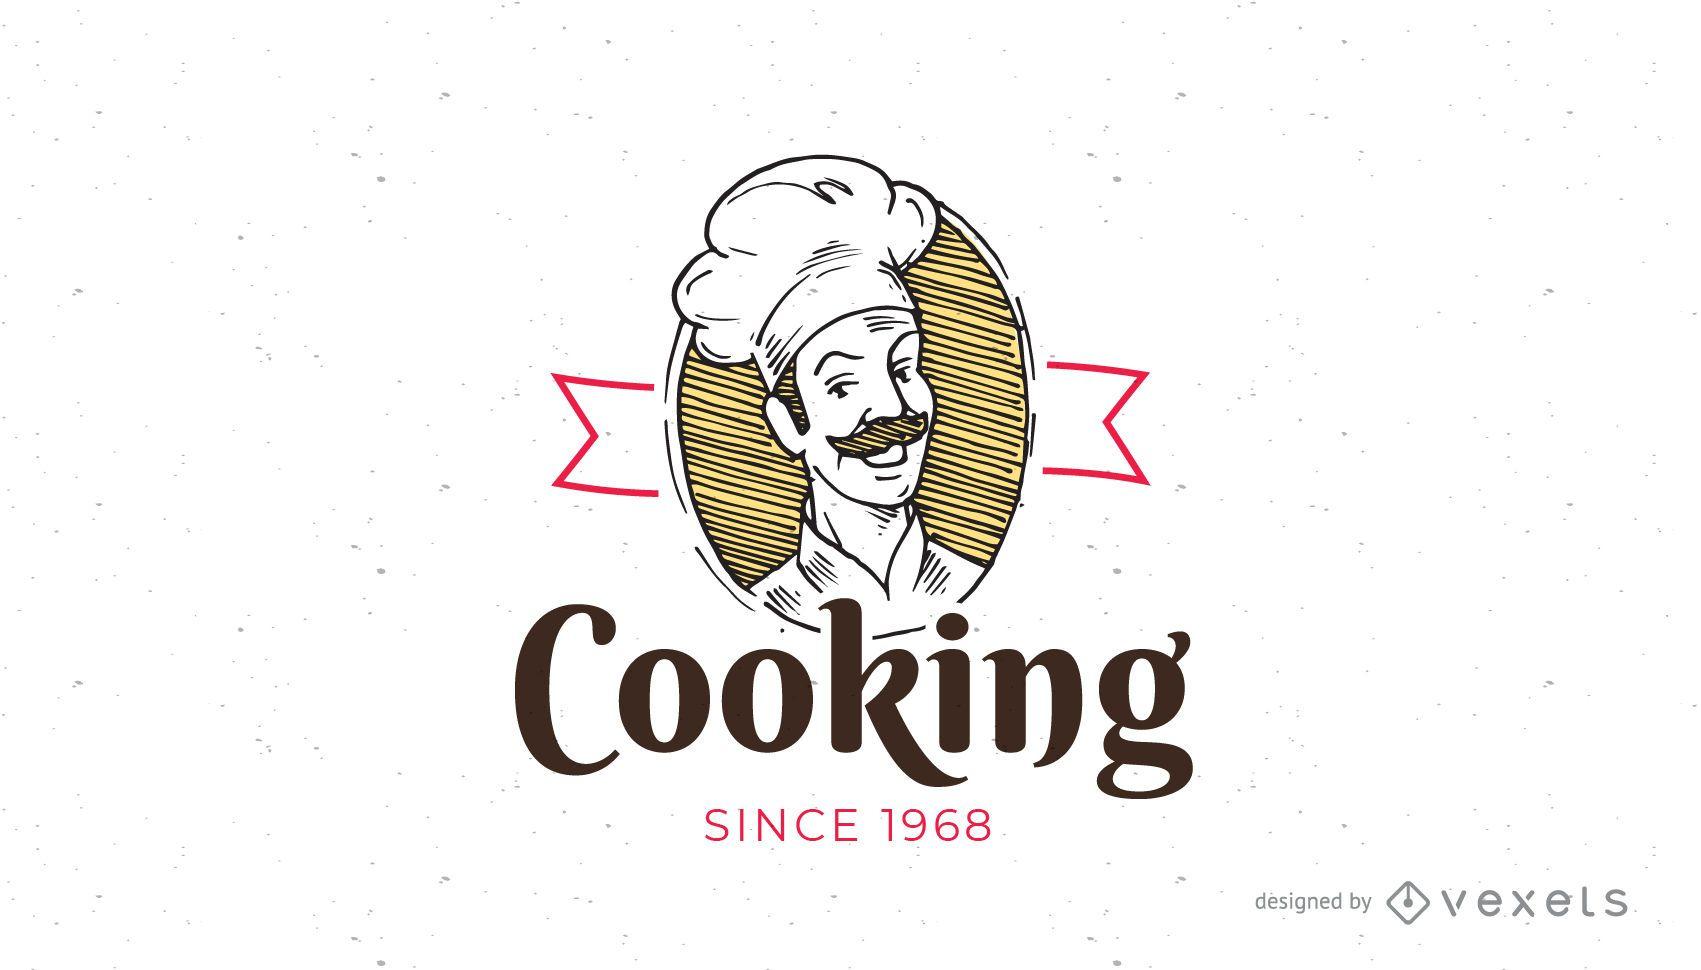 Plantilla de logotipo de cocina vintage - Descargar vector